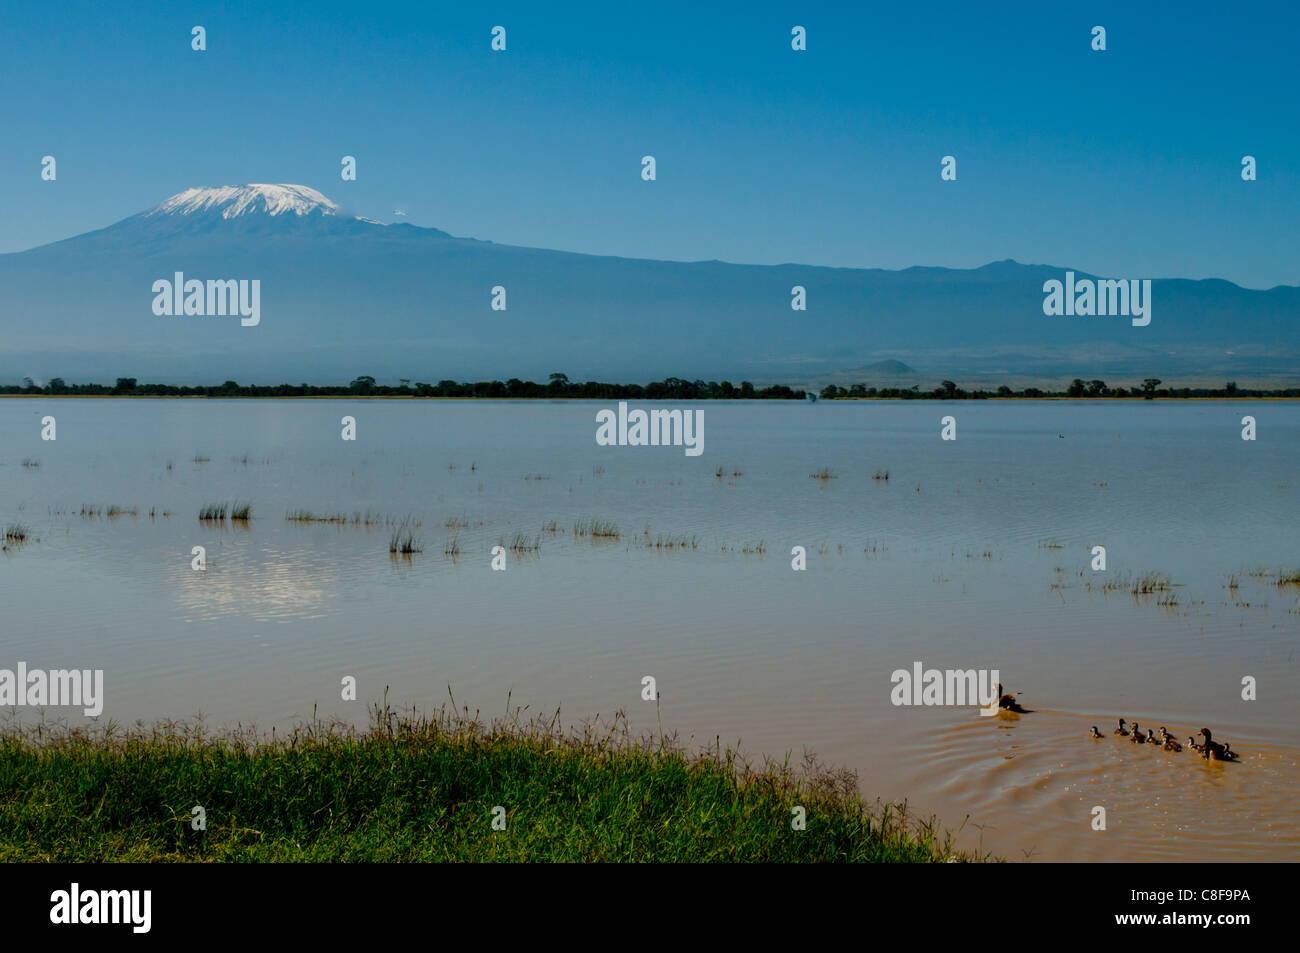 Amboseli National Park and Mount Kilimanjaro, Kenya, East Africa - Stock Image